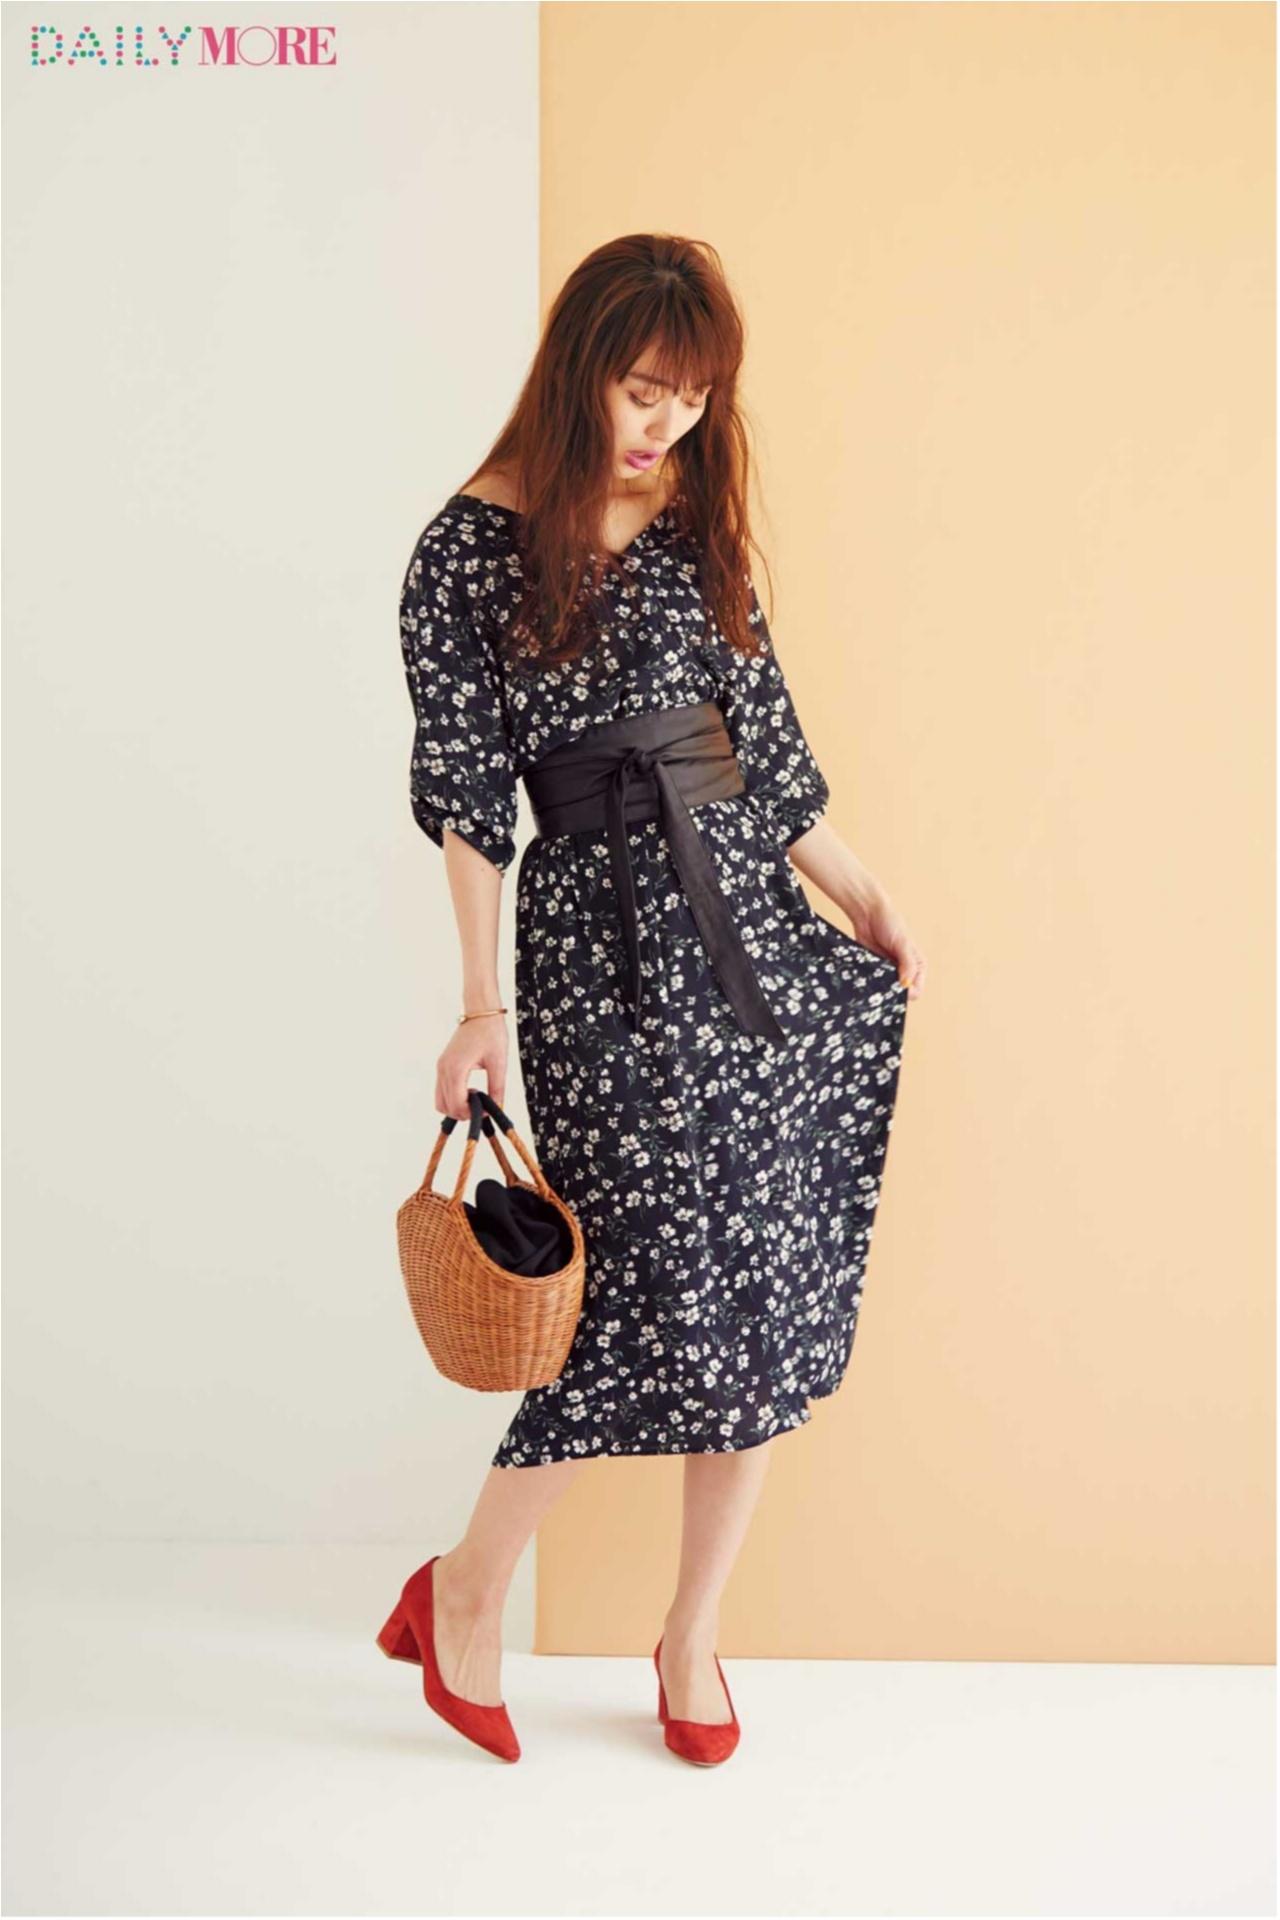 楽してかわいく夏らしく♪ 「サマードレス」コーデまとめ♡_1_8